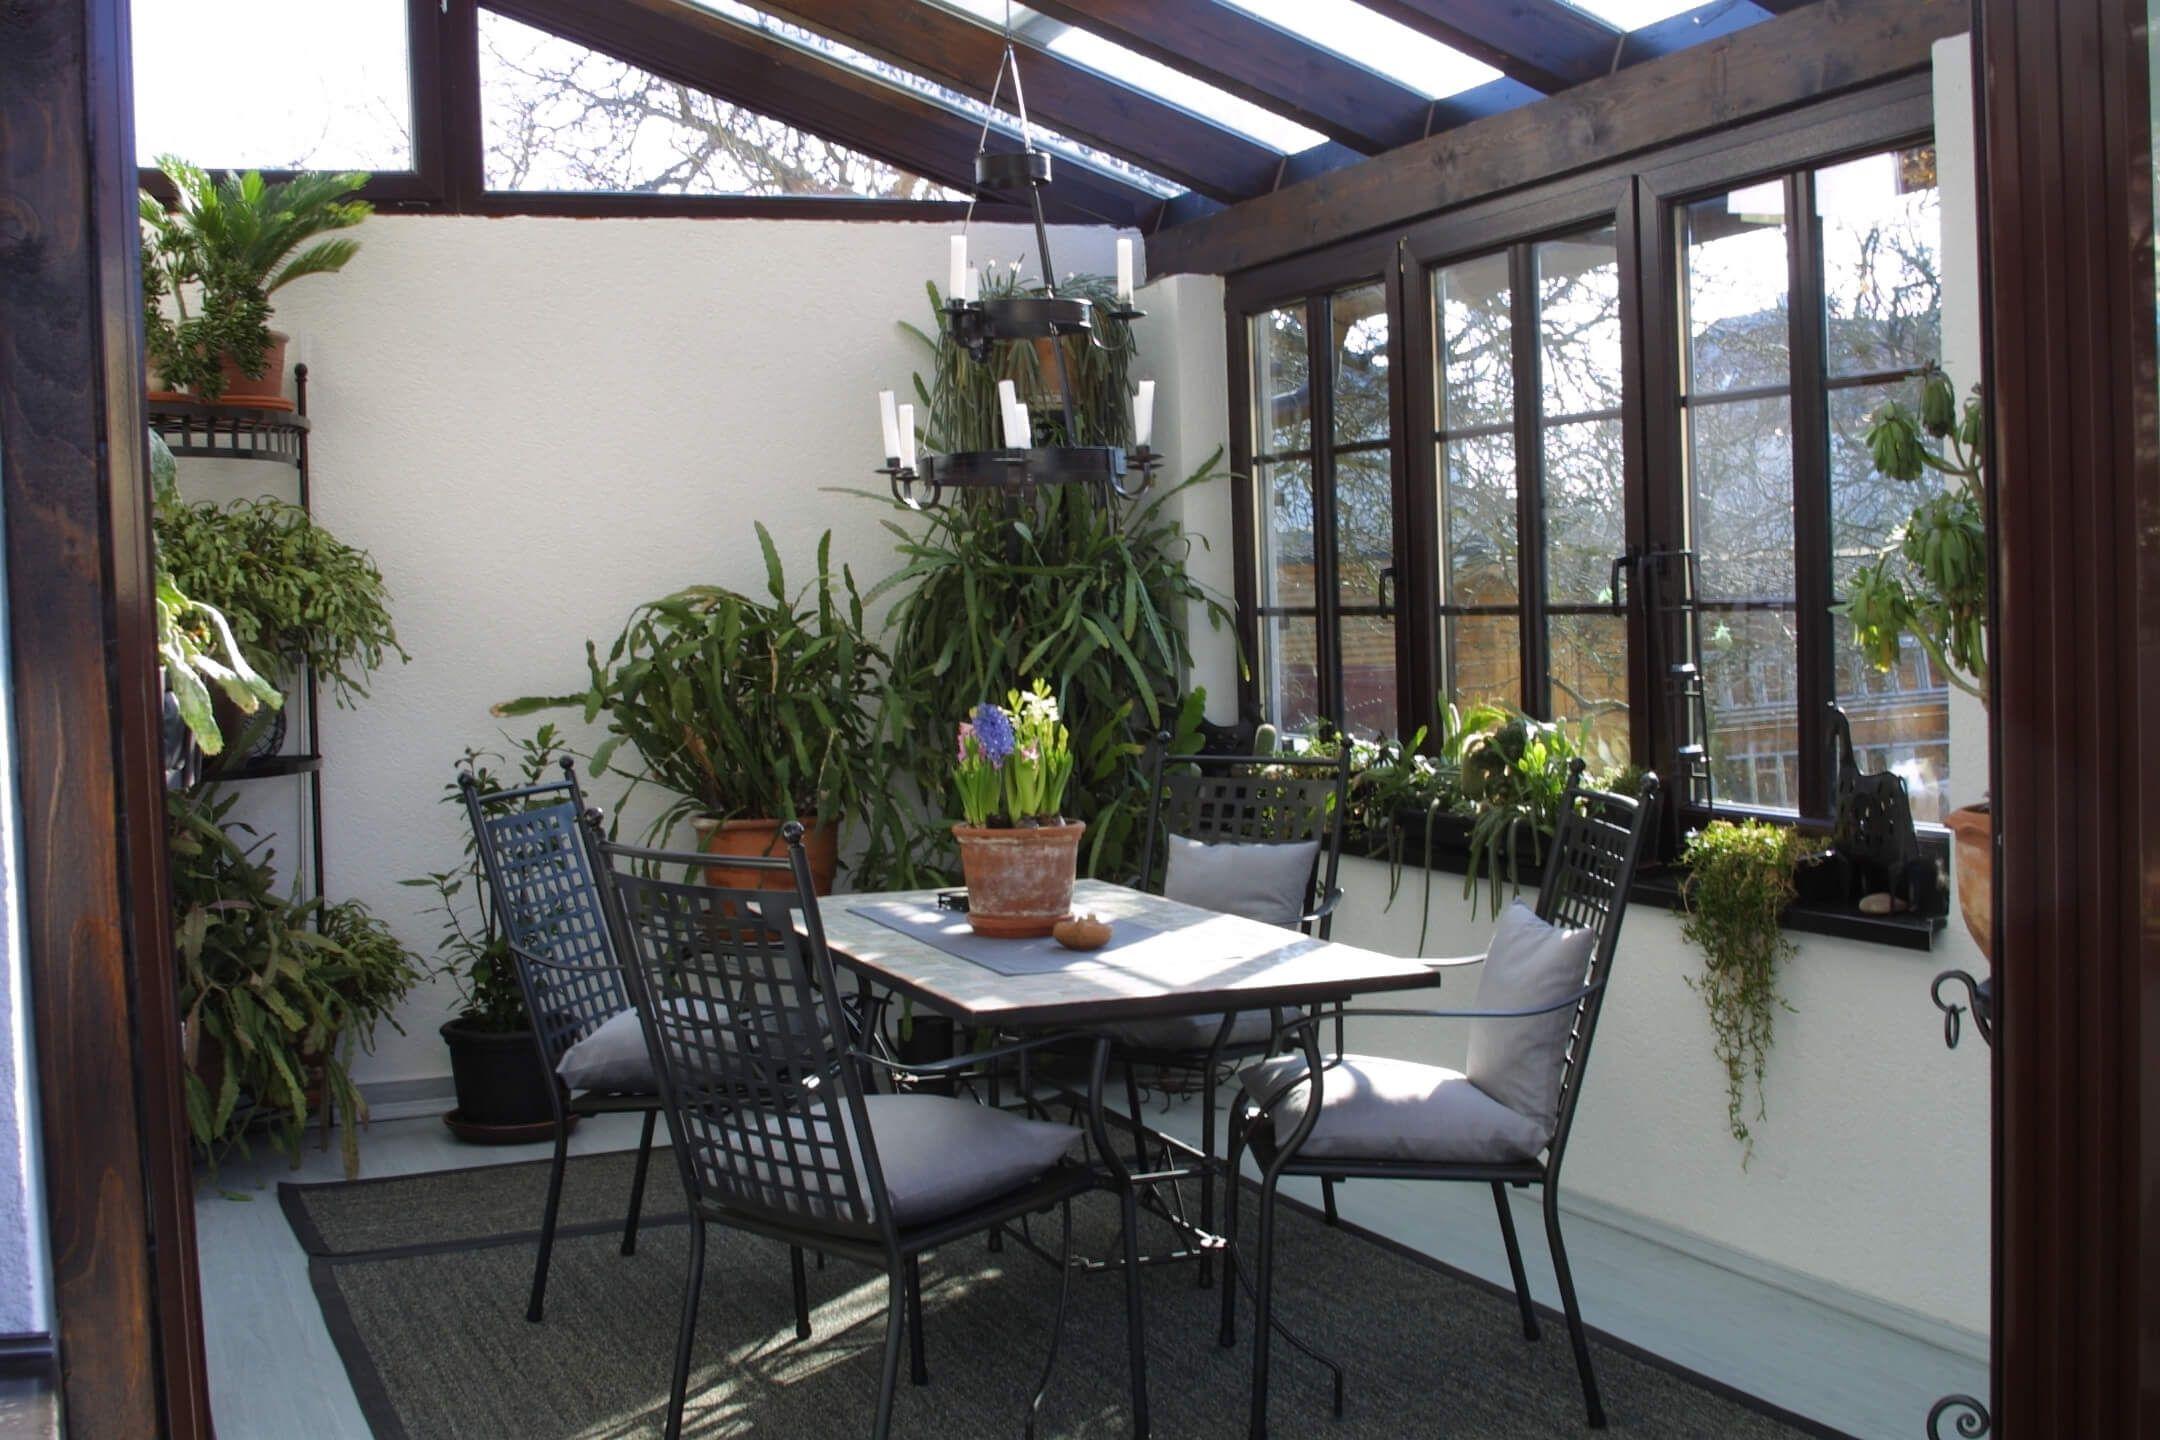 terrassen berdachung aus glas und holz balkonverglasung terrassenverglasung pinterest. Black Bedroom Furniture Sets. Home Design Ideas